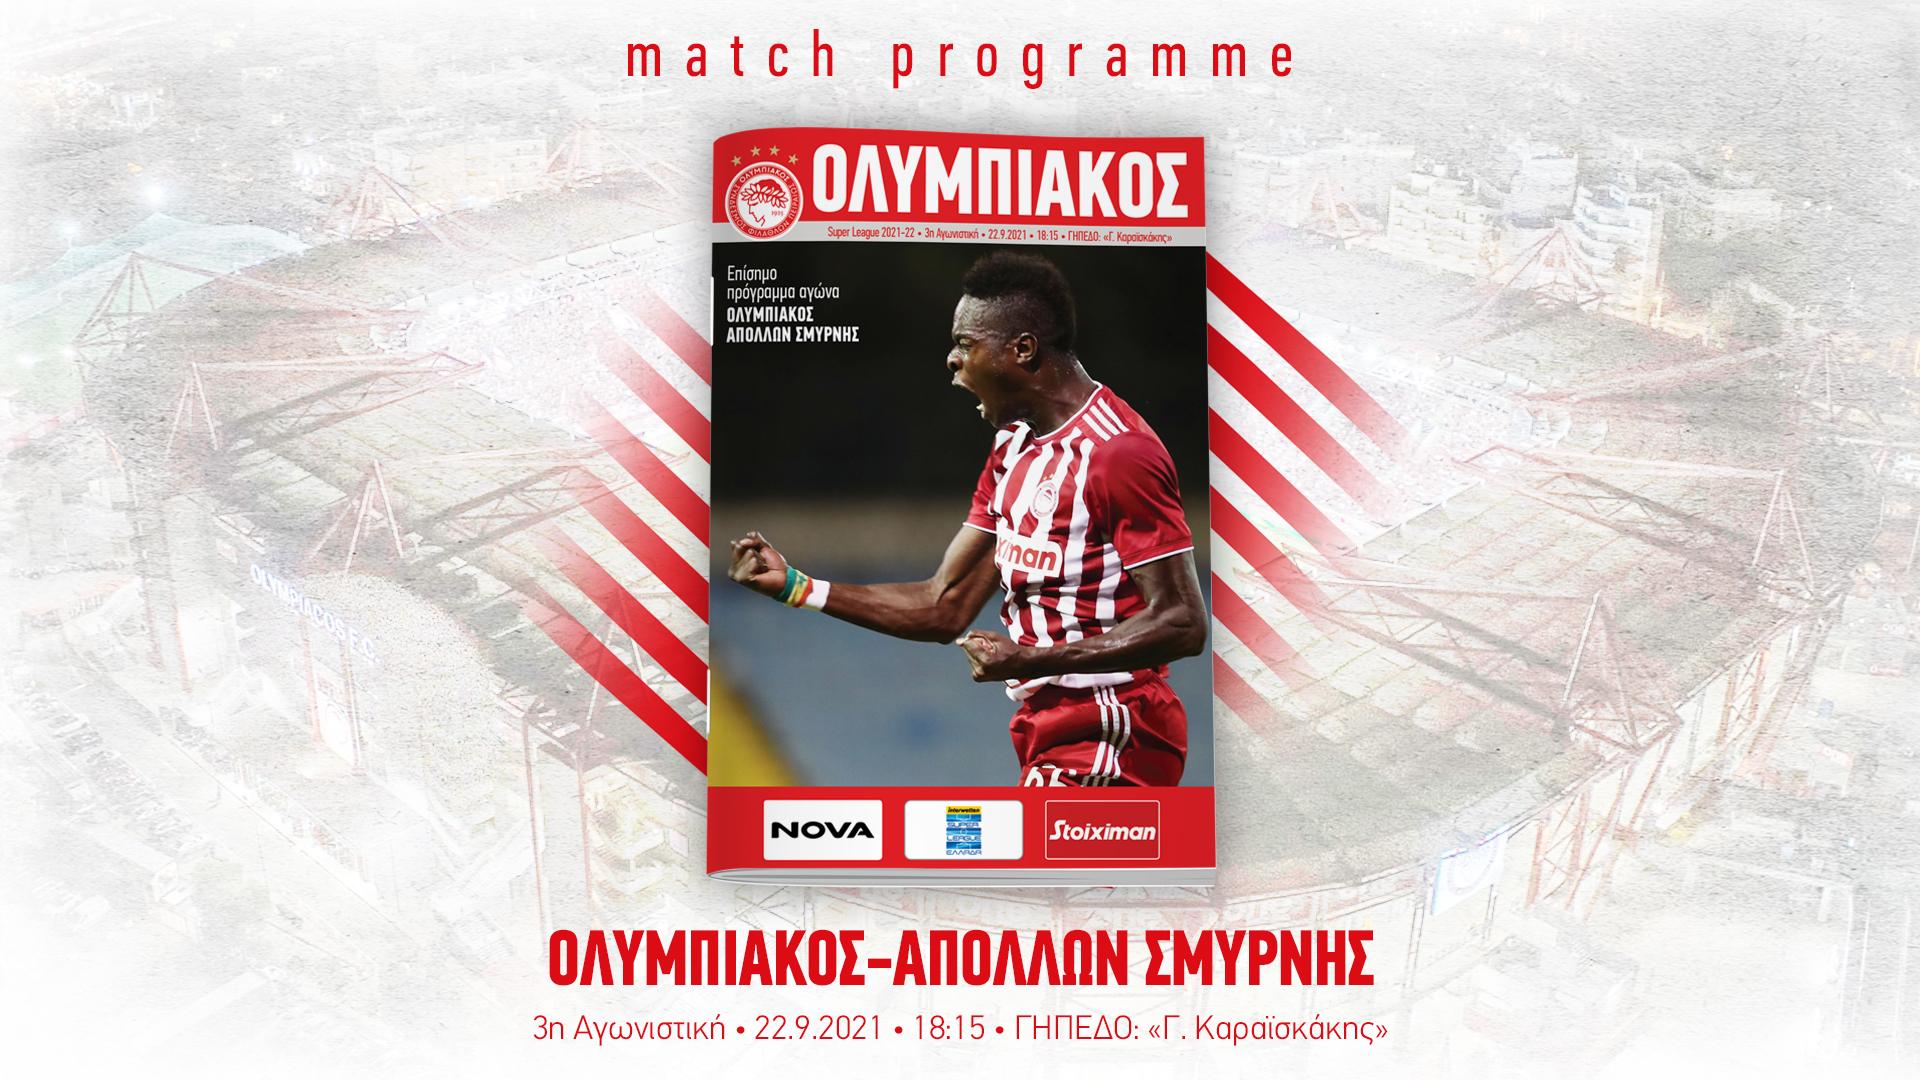 Το Match Programme του Ολυμπιακός-Απόλλων Σμύρνης